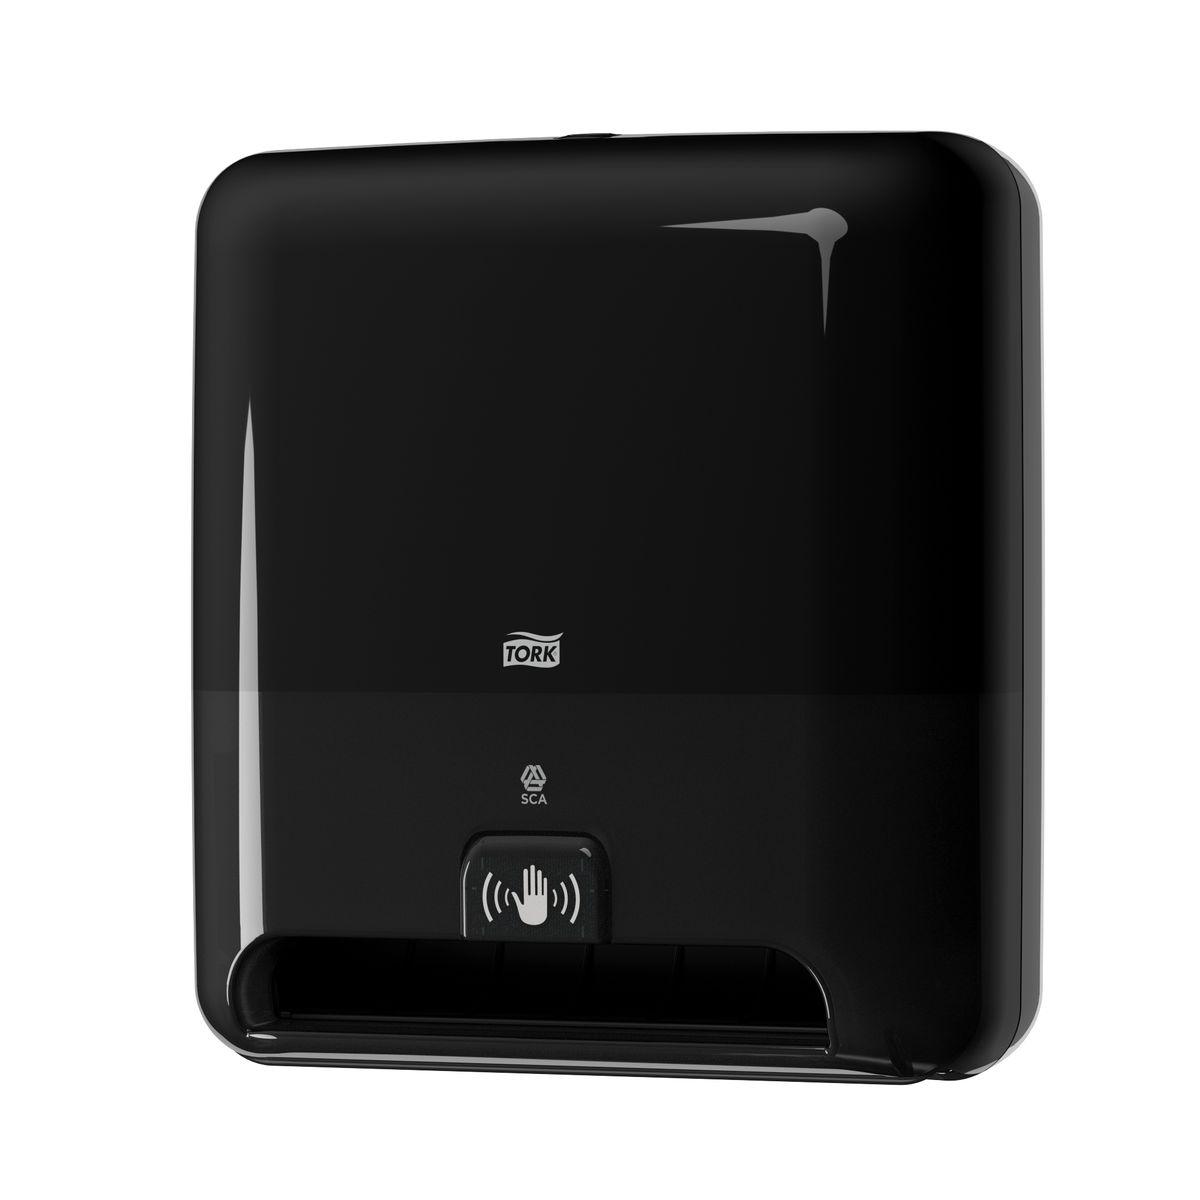 Диспенсер для бумажных полотенец Tork, цвет: черный. 551108551108Система Н1 - Полотенца в рулонах. Сенсорный диспенсер для полотенец в рулонах Tork Matic - это гигиеничное и экономичное решение. • Бесконтактный отбор полотенец обеспечивает высокий уровень гигиены • Большая вместимость сокращает частоту перезаправок • Интуитивно понятная конструкция облегчает и ускоряет перезаправку • Возможность регулировать длину полотенца обеспечивает контроль расхода полотенец • Световые индикаторы замены элементов питания и расхода рулона • Бесшумная работа сенсора